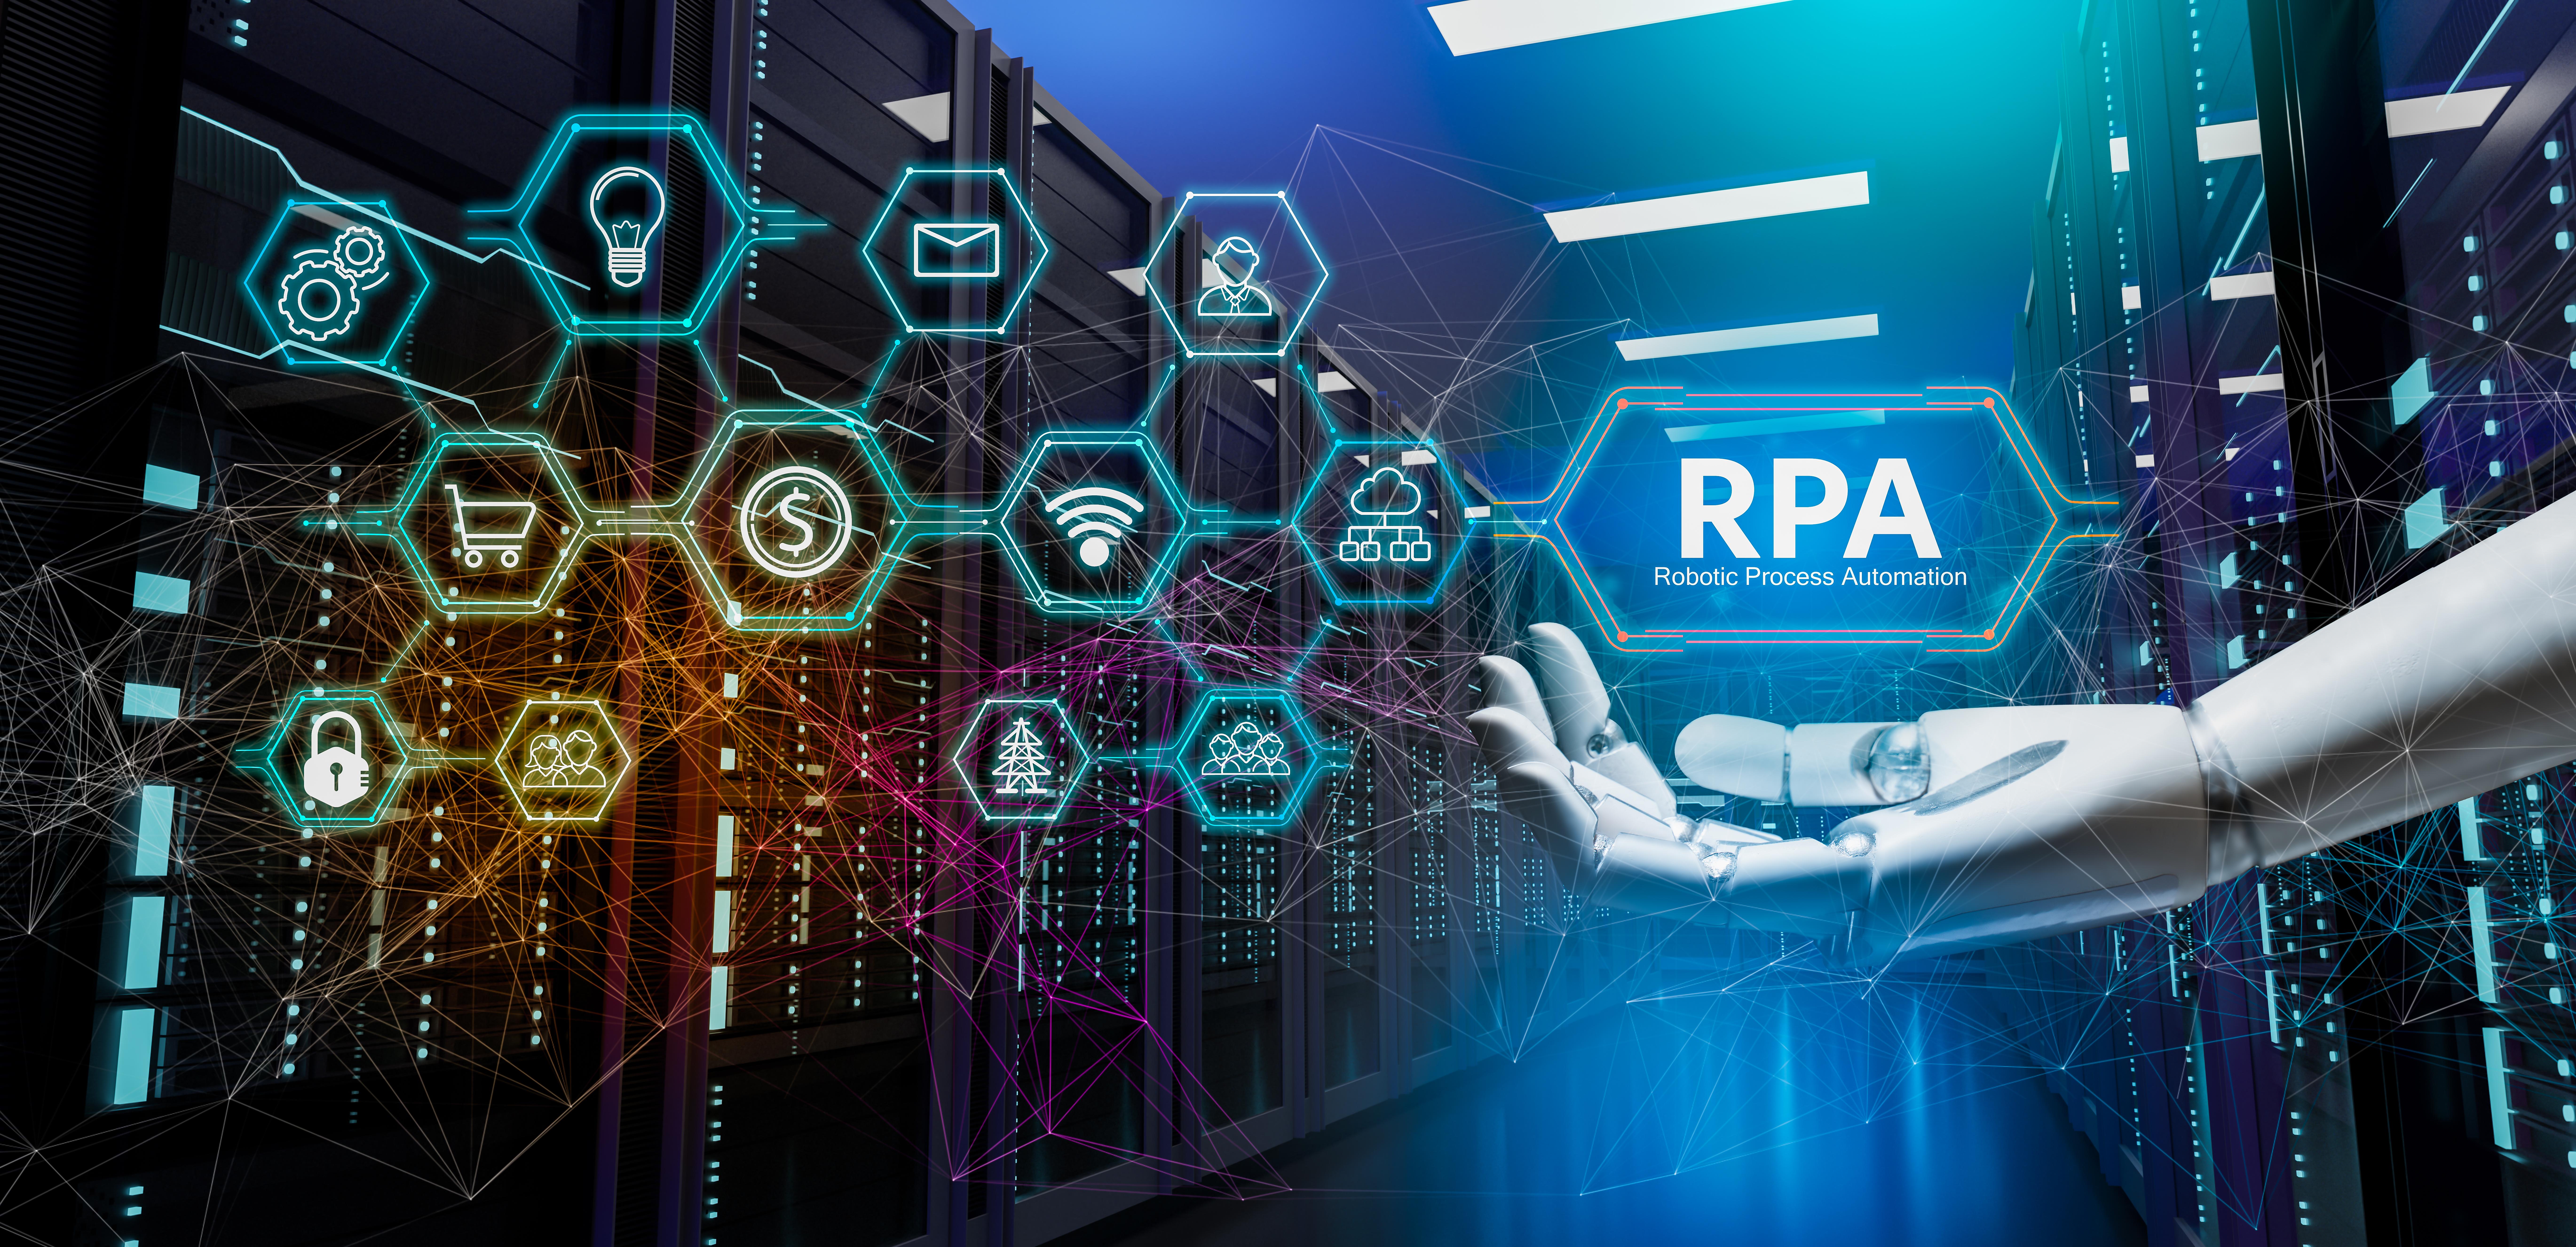 現場スタッフ向けのRPAツール:Uipath StudioXはどう違うのか?